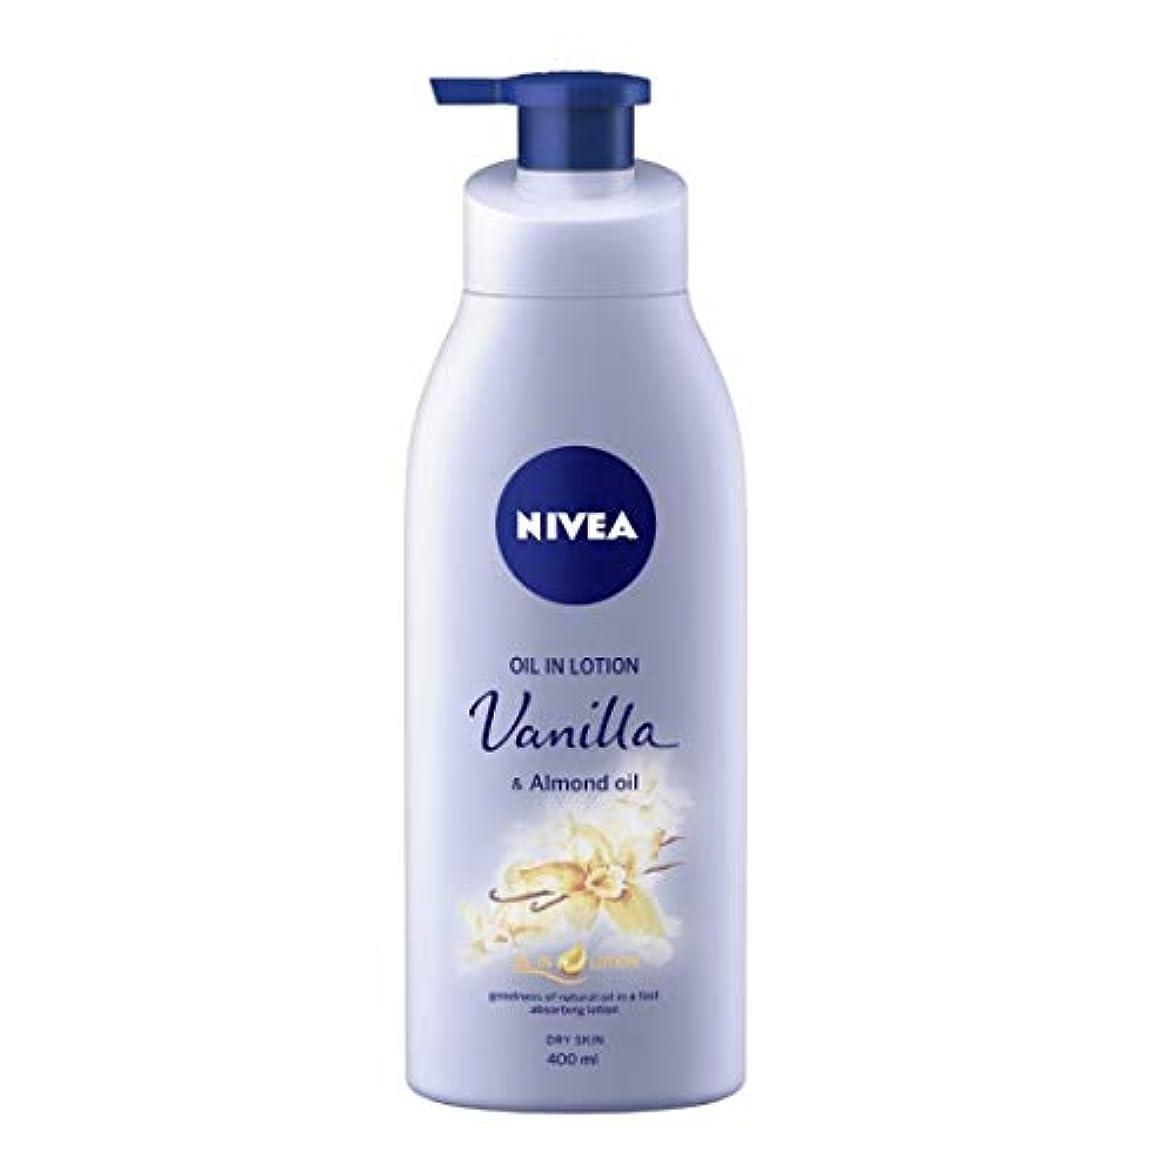 顕微鏡かき混ぜる困ったNIVEA Oil in Lotion, Vanilla and Almond Oil, 400ml